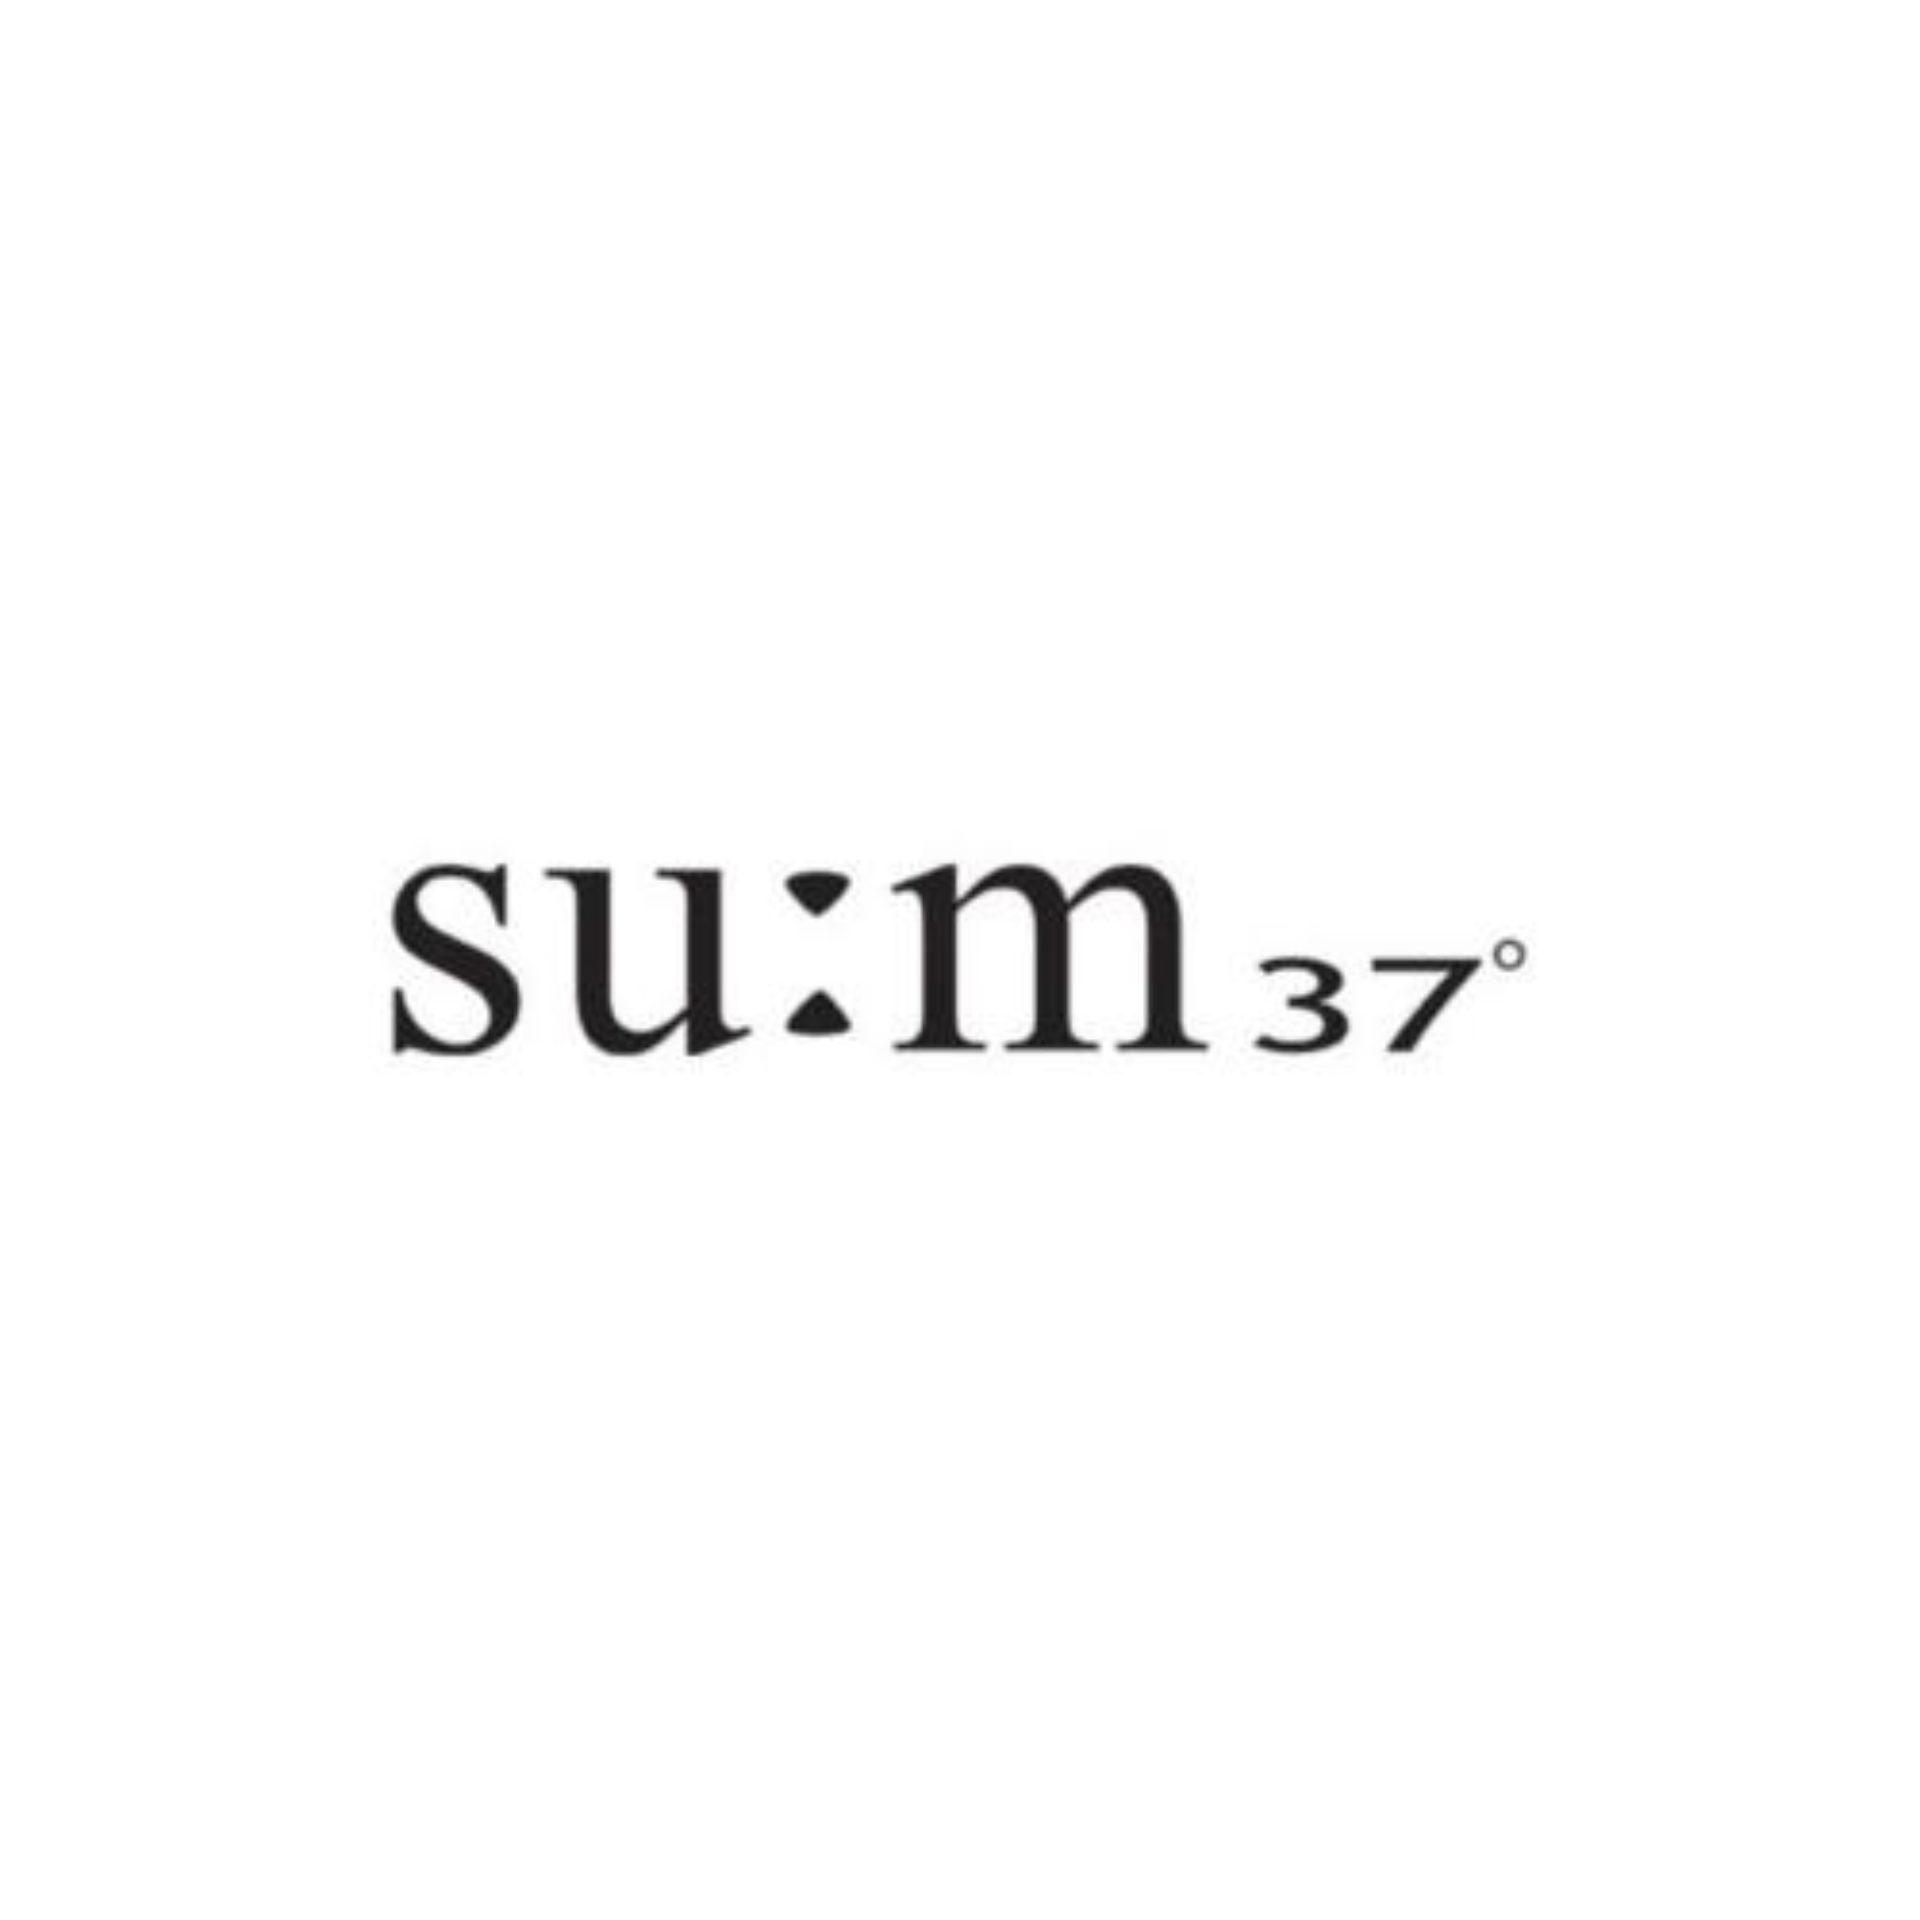 sum37